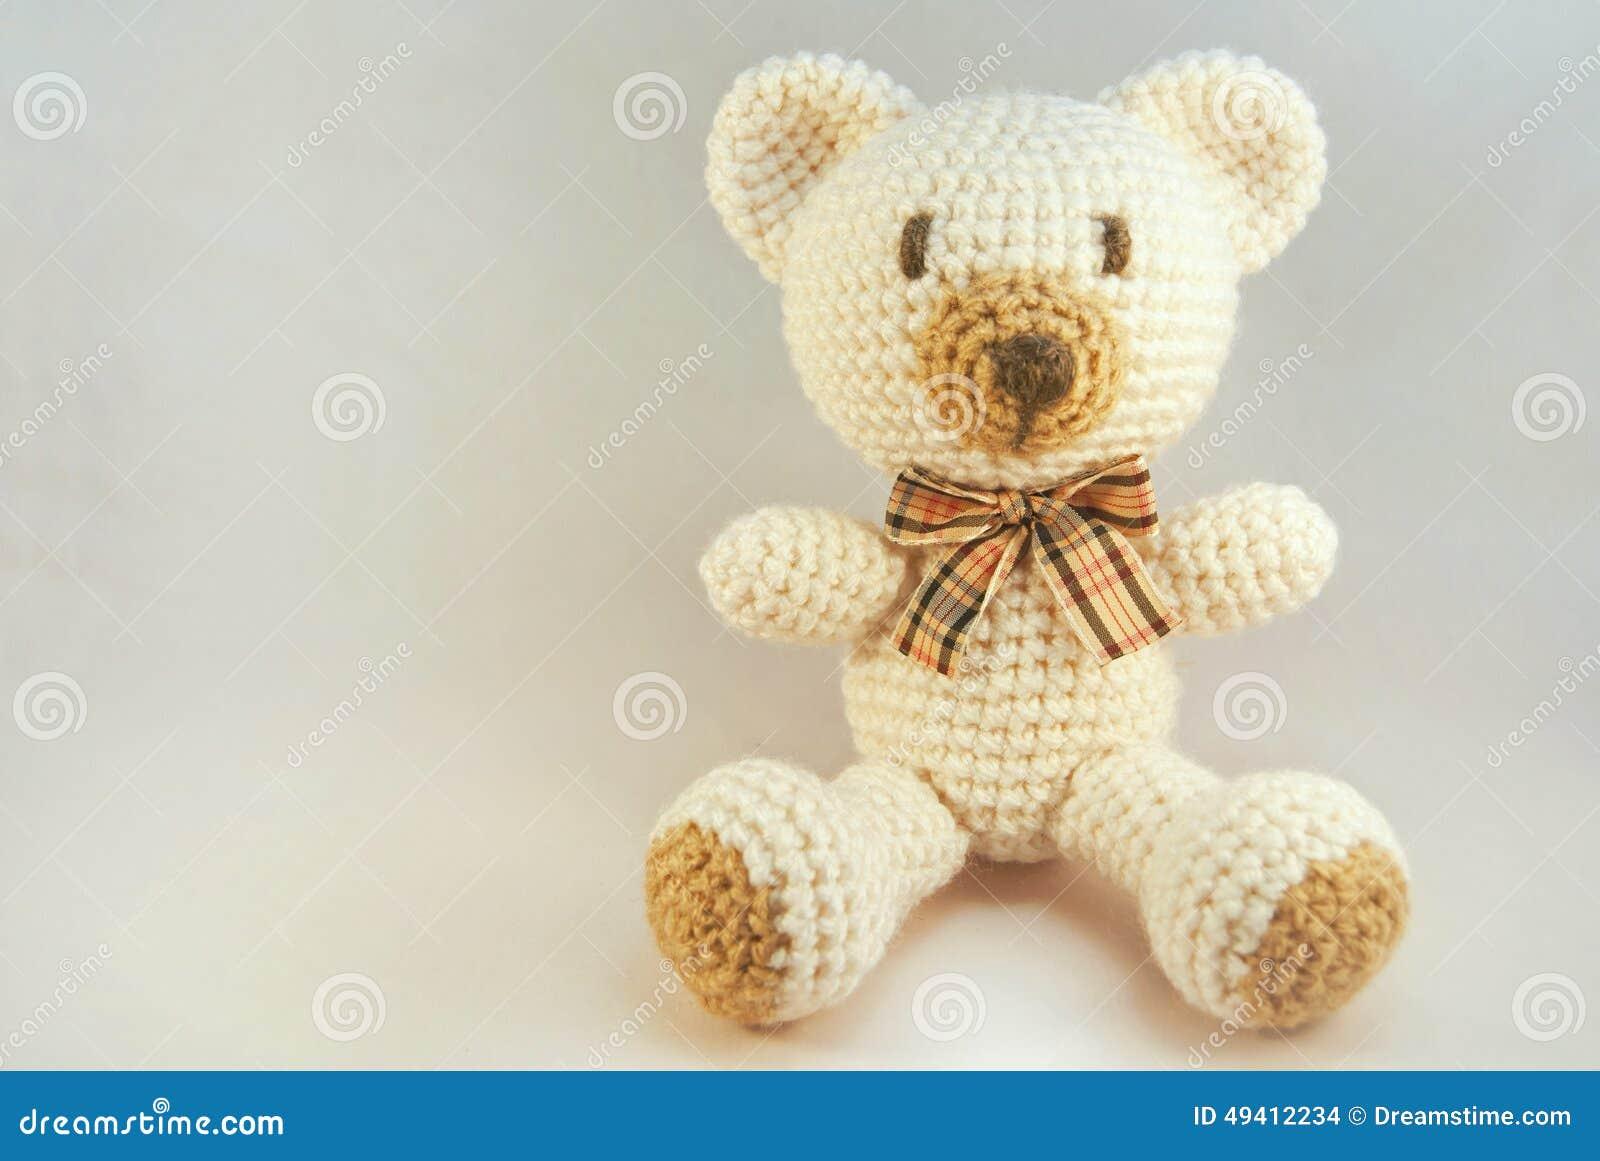 Pin de Cláudia Rodrigues em amigurumi | Urso de crochê, Bichinhos ... | 960x1300